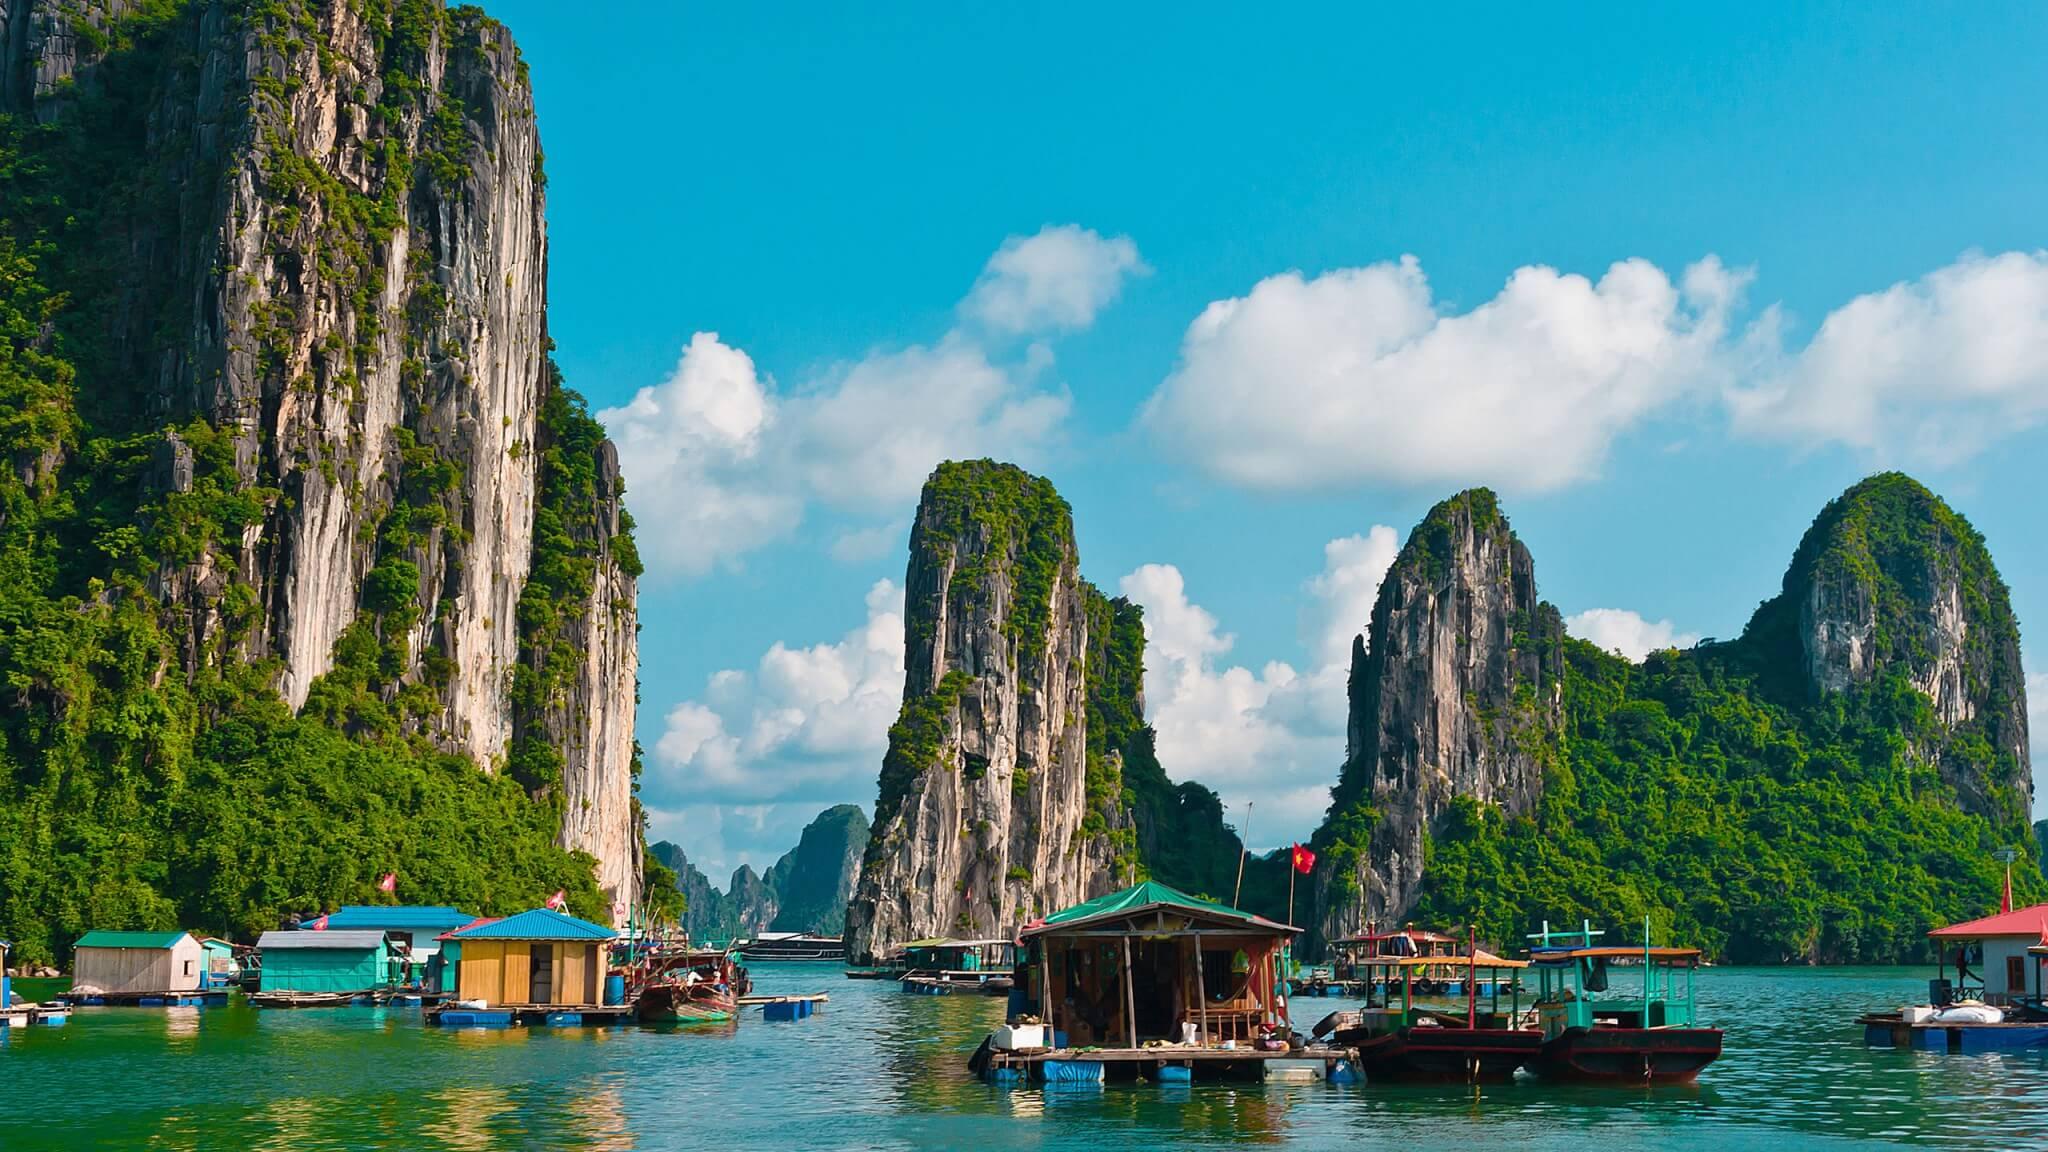 Рыбацкая деревня в бухте Халонг, Вьетнам